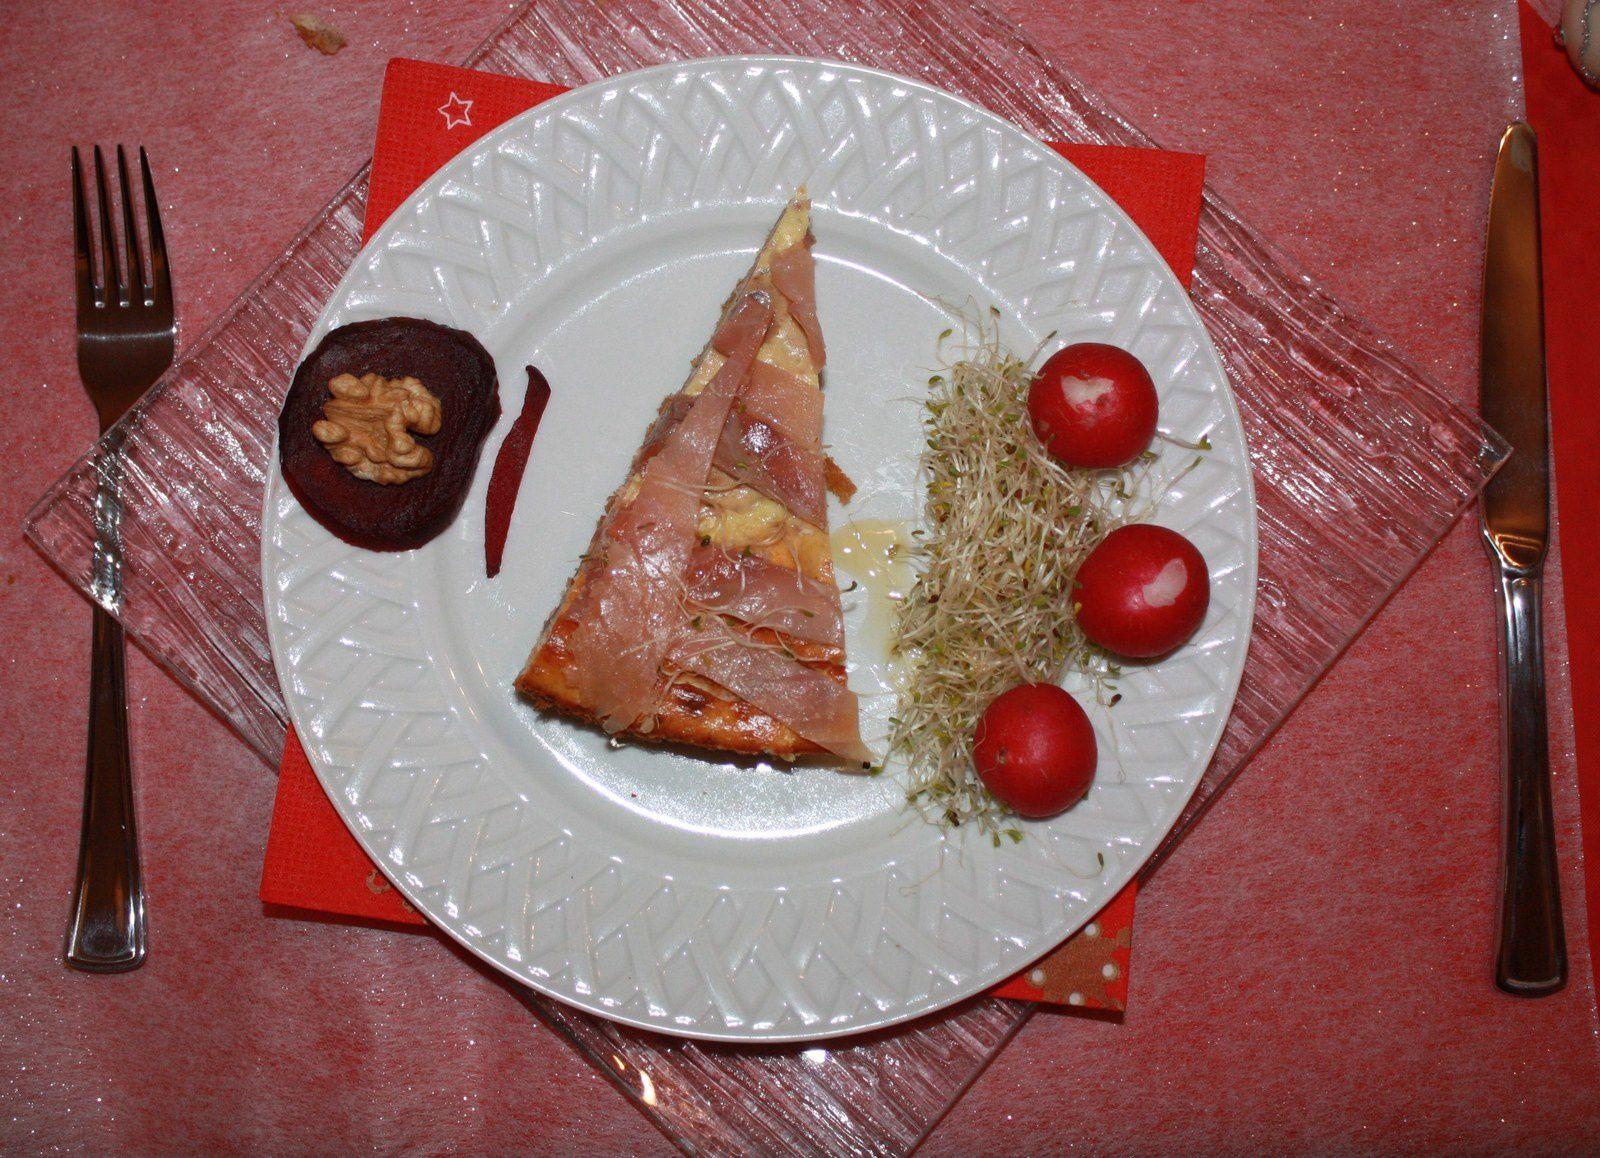 Entrée festive car Noël approche: Cheesecake au saumon fumé